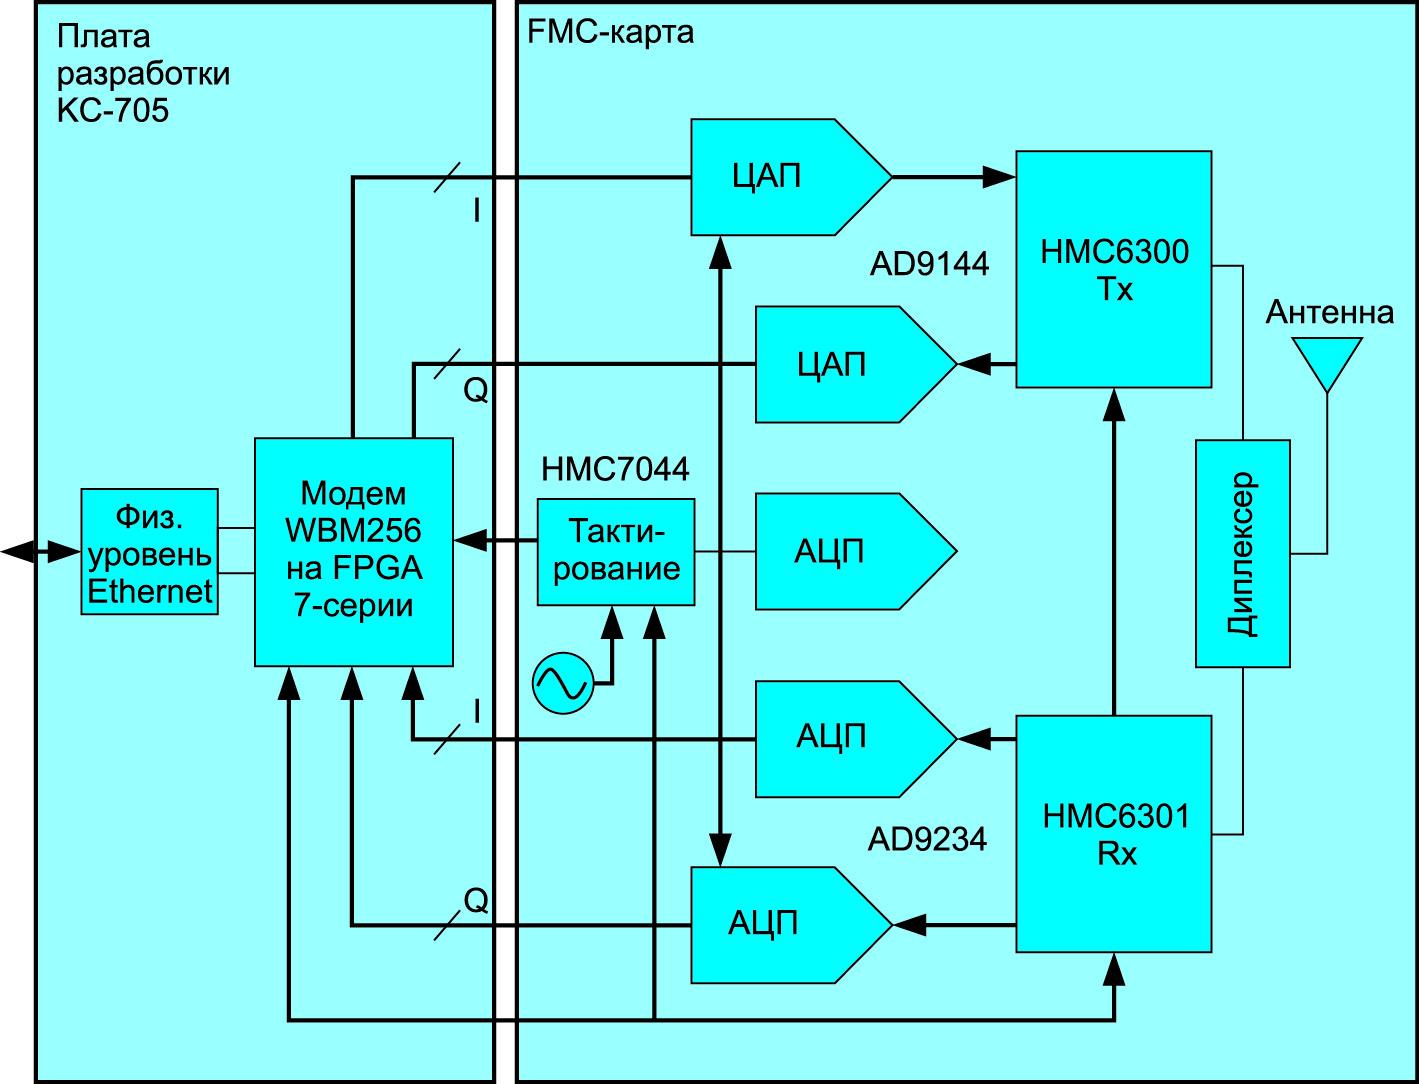 Пример проекта с использованием микросхем Xilinx и Analog Devices